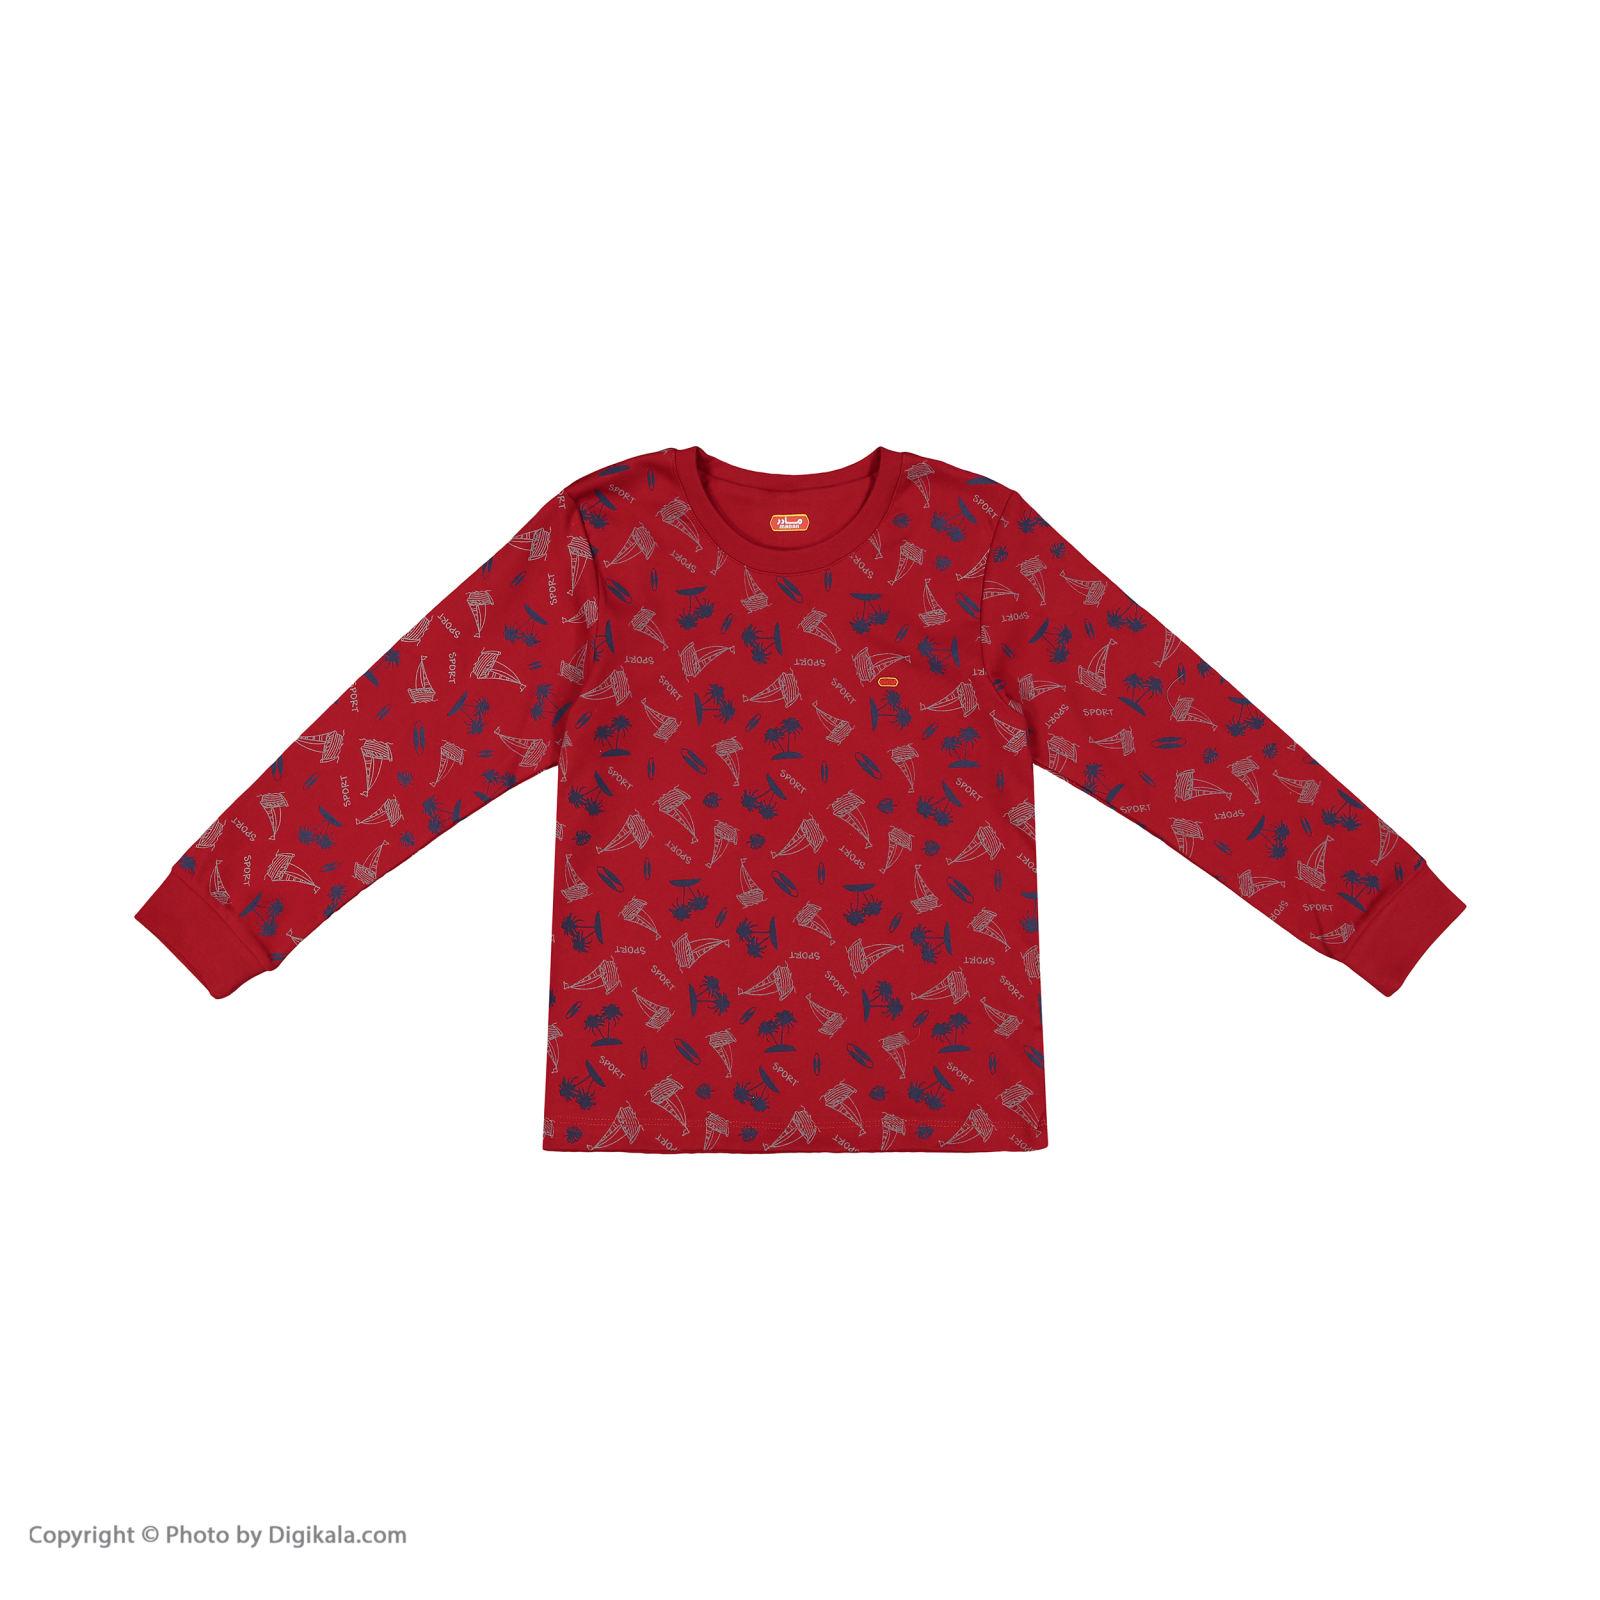 ست تی شرت و شلوار پسرانه مادر مدل 306-72 main 1 2